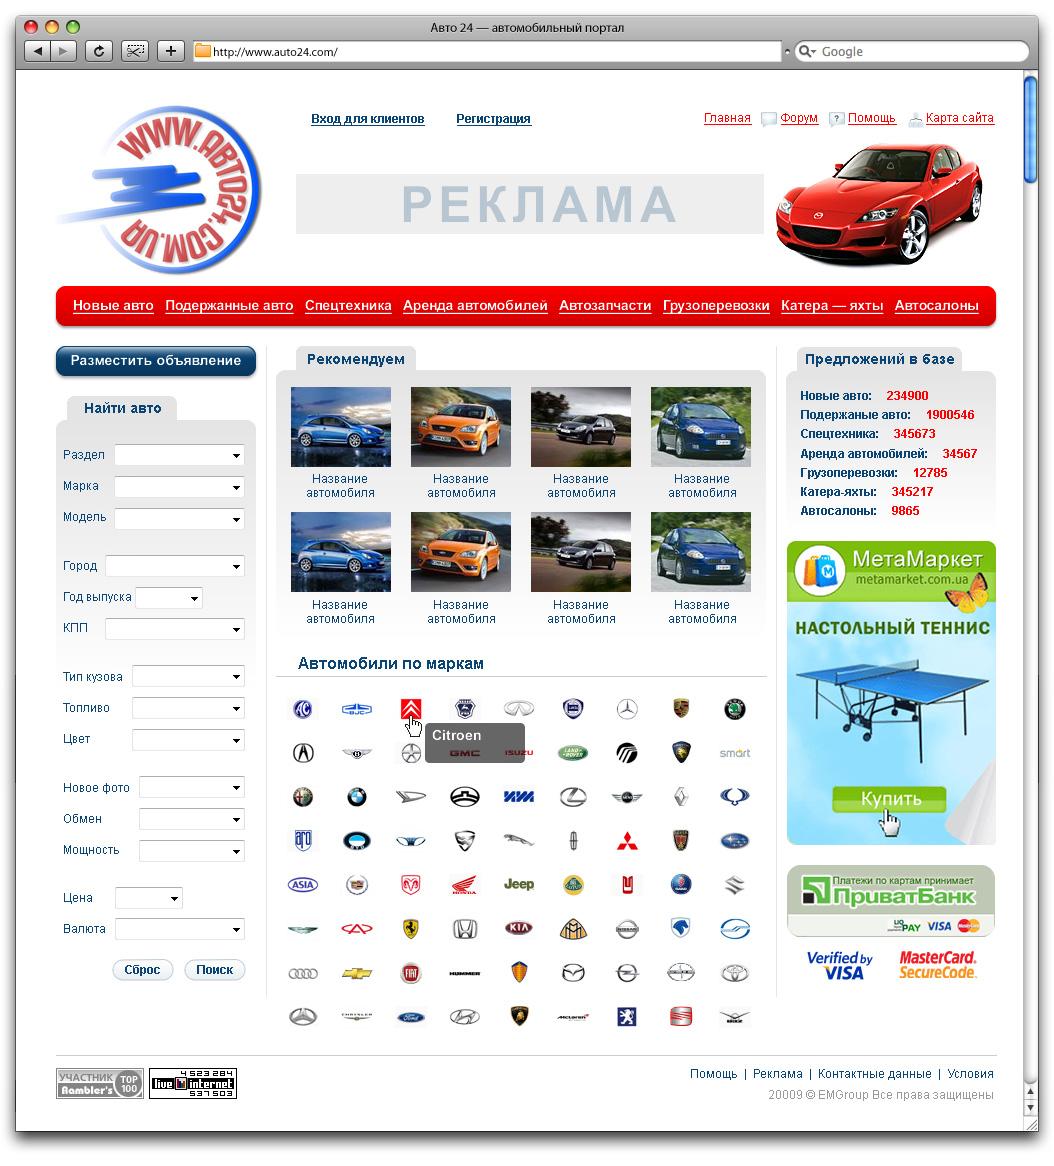 Дизайн сайта Авто24